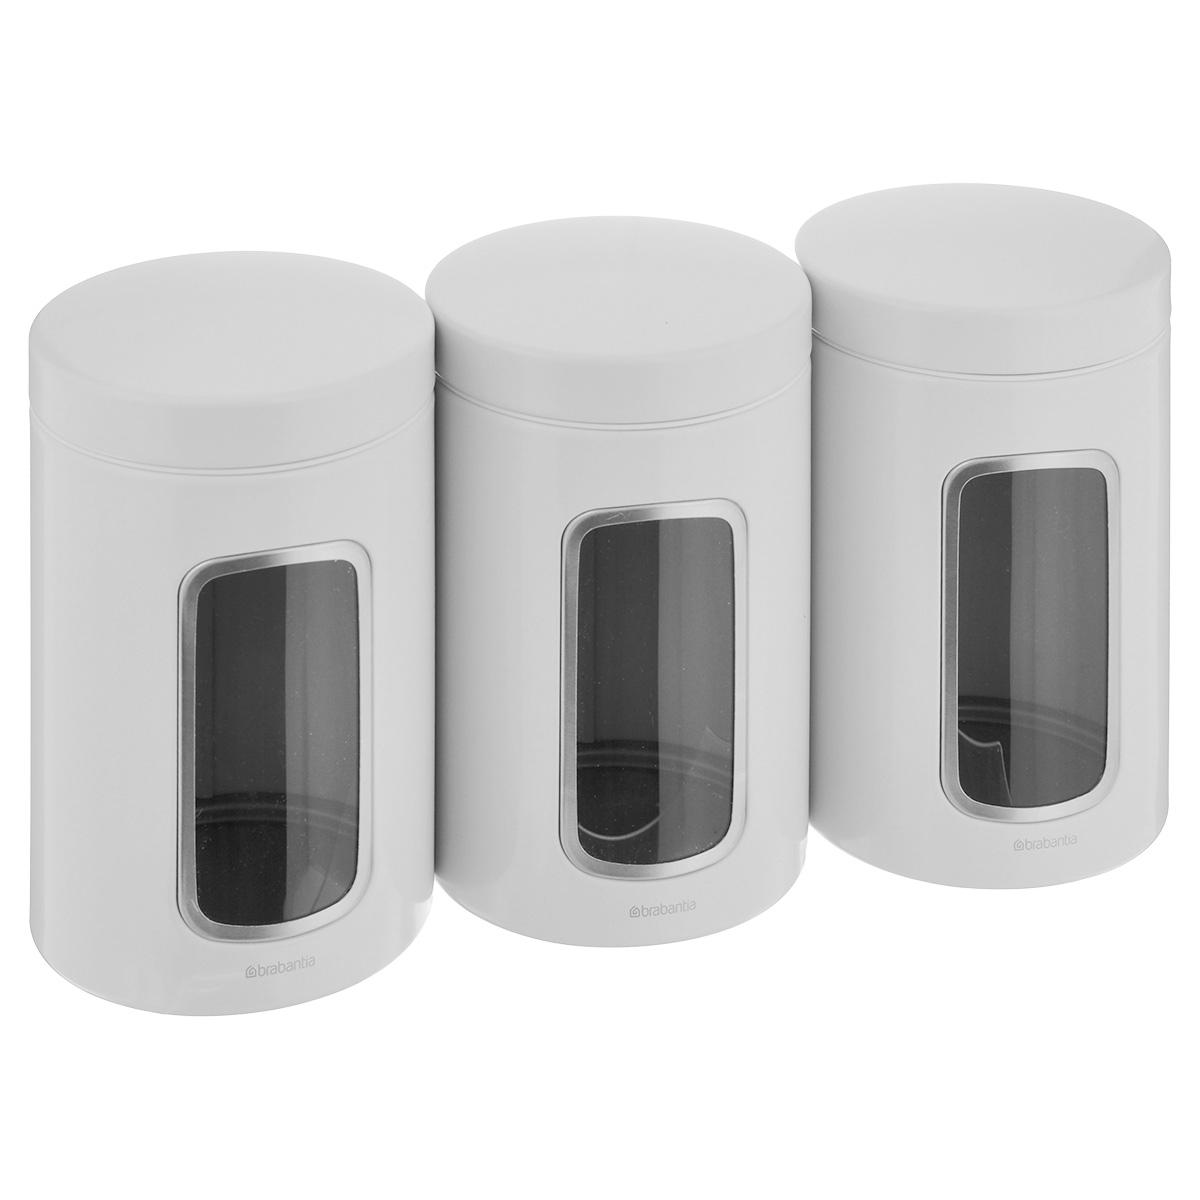 Набор контейнеров для сыпучих продуктов Brabantia, цвет: белый, 1,4 л, 3 шт. 151224151224_белыйПрактичное решение для хранения сыпучих продуктов, позволяющее дольше сохранять их свежесть.Не пропускает запах и сохраняет свежесть – защелкивающаяся крышка.Всегда видно содержимое – окошко из антистатических материалов.Легко чистится – контейнер имеет гладкую внутреннюю поверхность.Изготовлен из коррозионностойкой крашеной или лакированной стали с защитным цинк-алюминиевым покрытием.Основание с защитным покрытием.Покрытие с защитой от отпечатков пальцев (FPP).